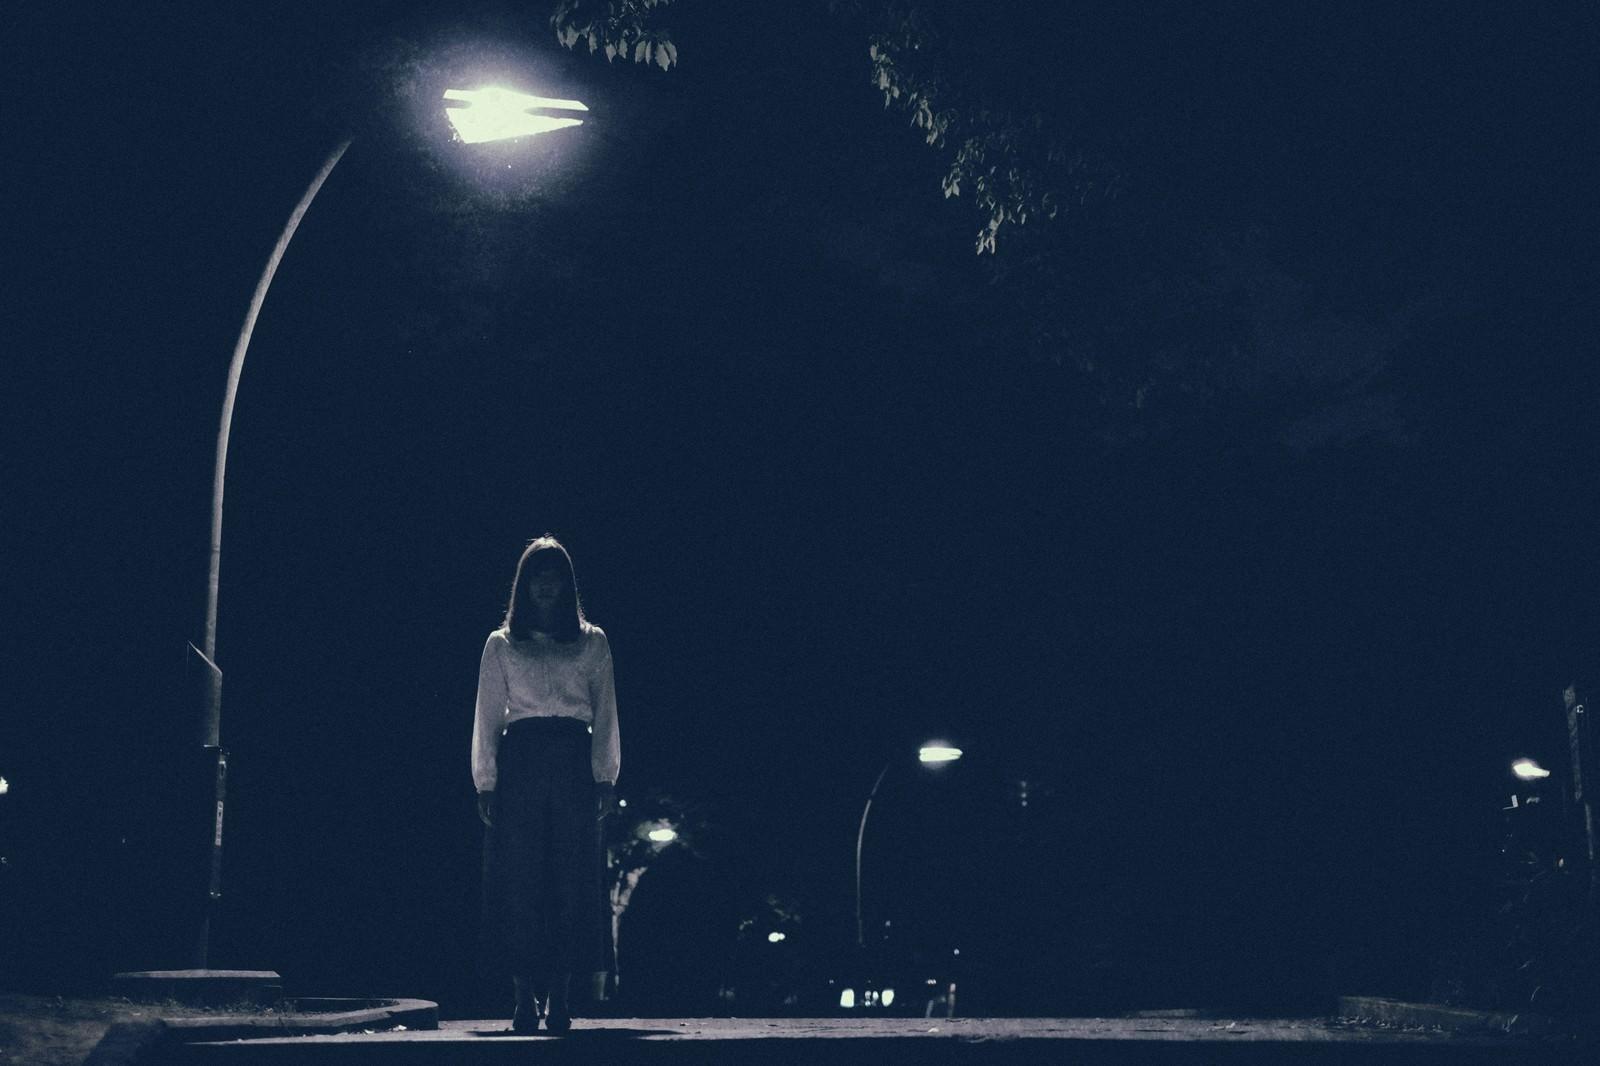 「街灯の下からこちらを見つめる女性街灯の下からこちらを見つめる女性」[モデル:さとうゆい]のフリー写真素材を拡大